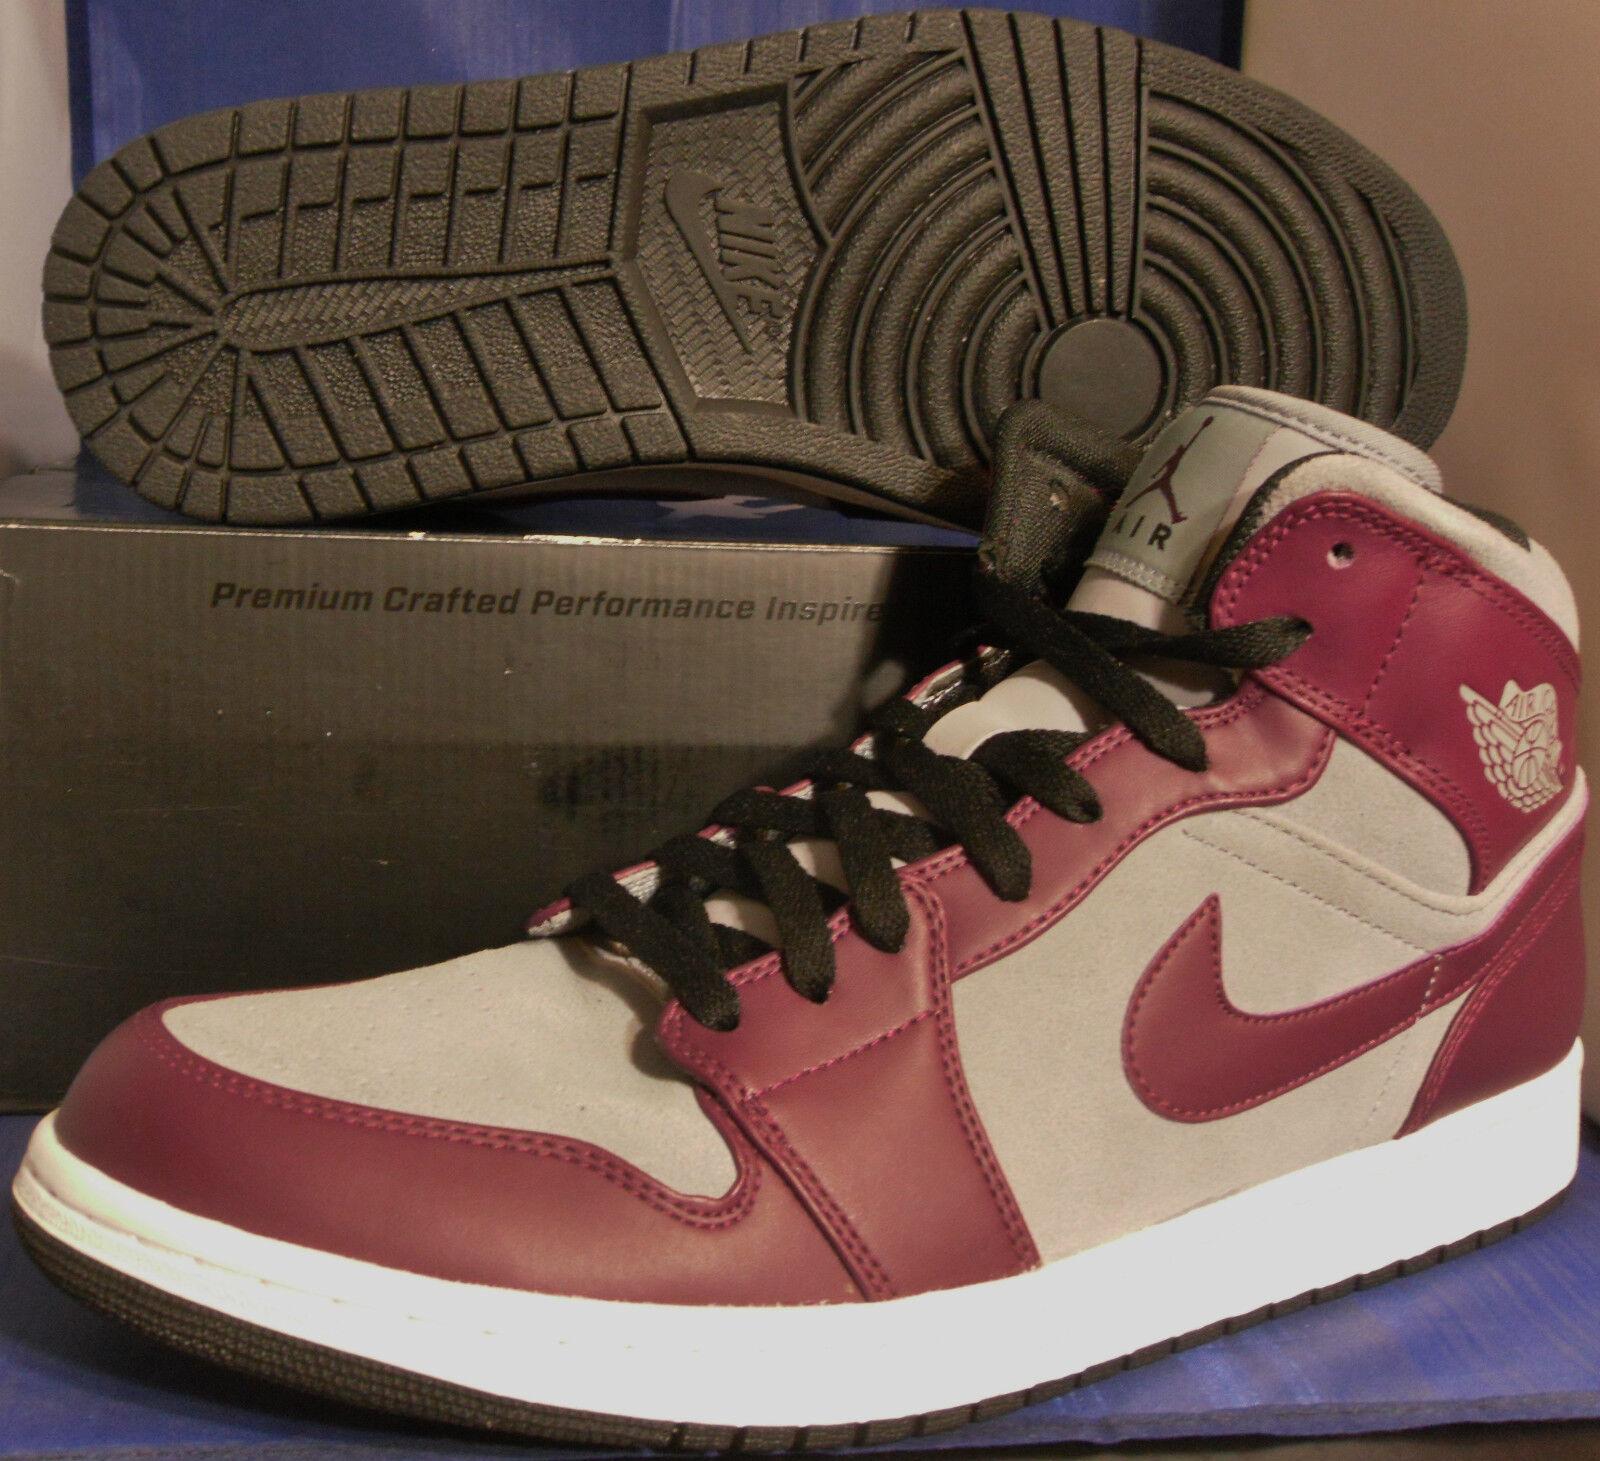 Nike air jordan 1 phat bordeaux stealth bianco nero retrò sz (364770-605)